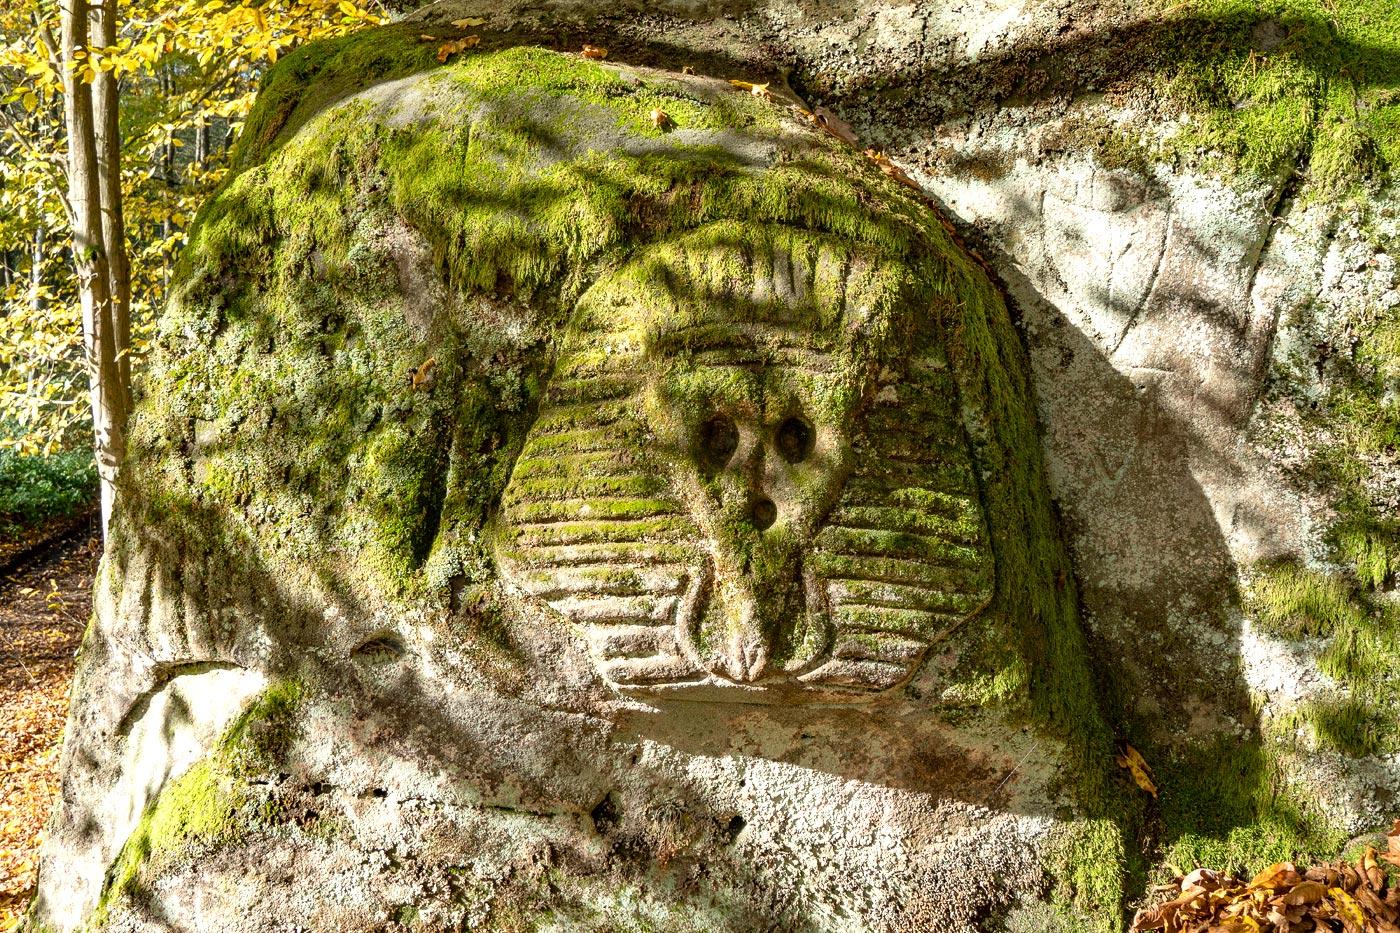 Скальные скульптуры, природный заповедник Подтросецка удоли